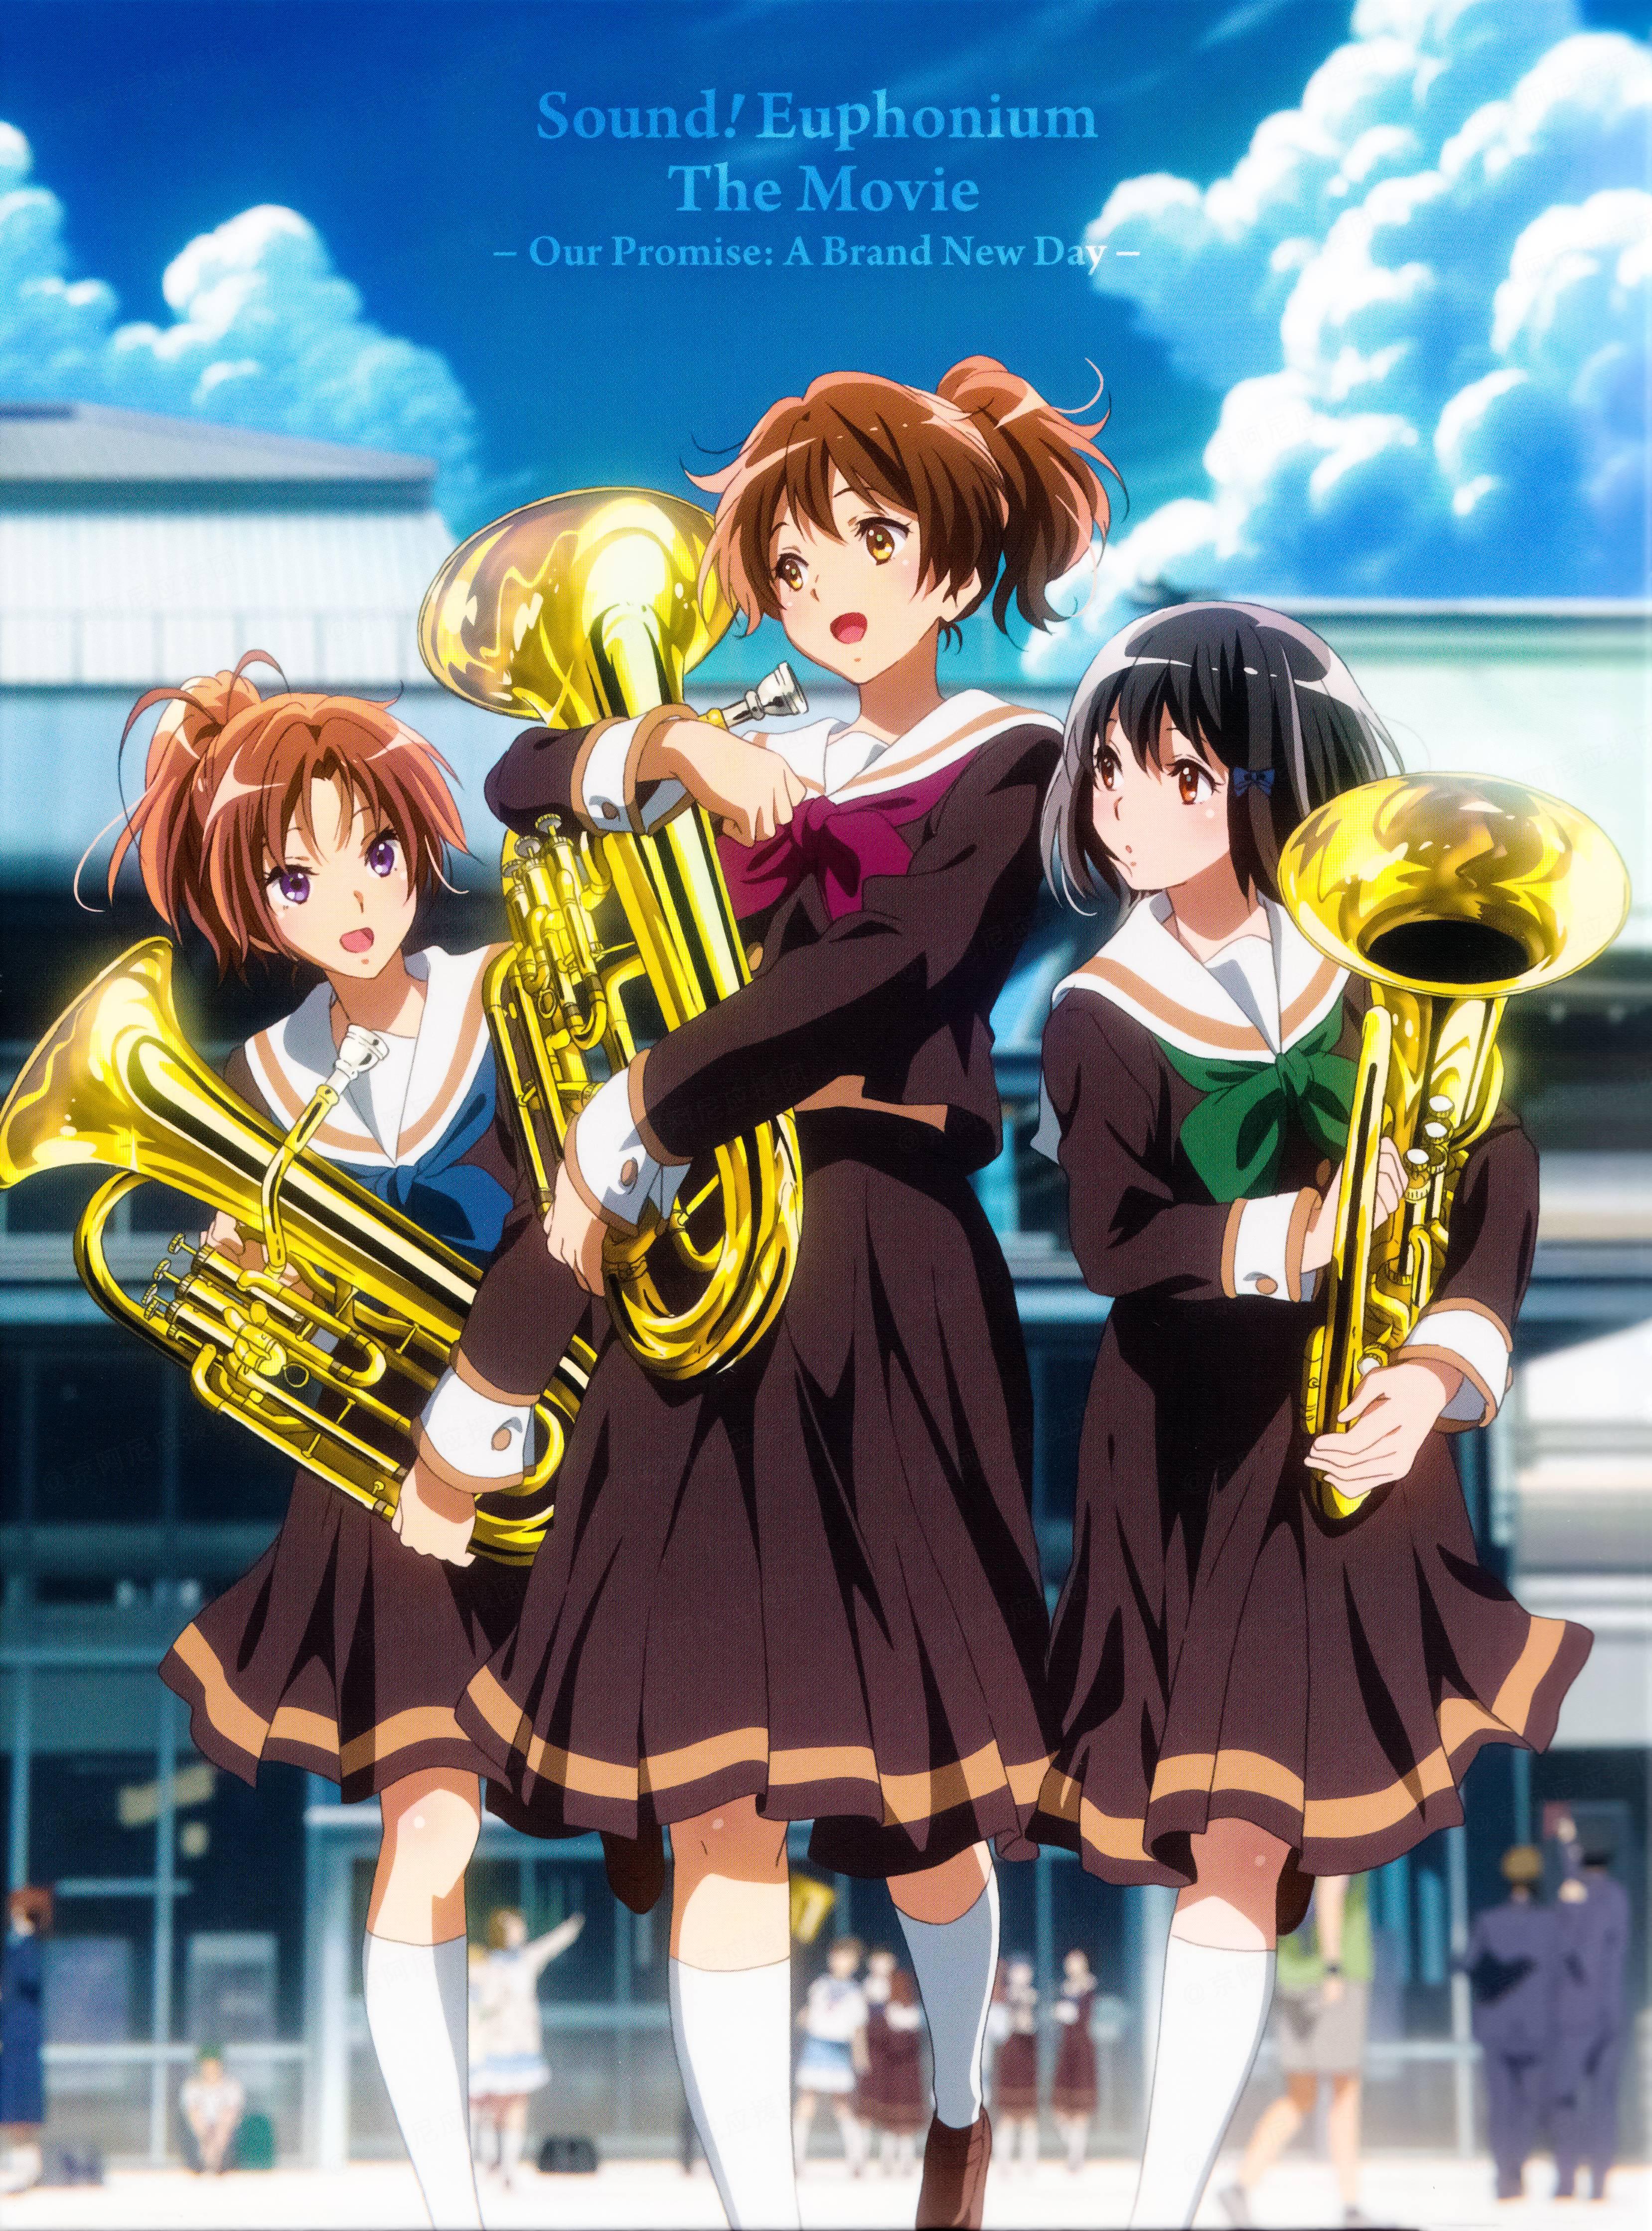 Gekijouban Hibike Euphonium Chikai No Finale Image 2872952 Zerochan Anime Image Board